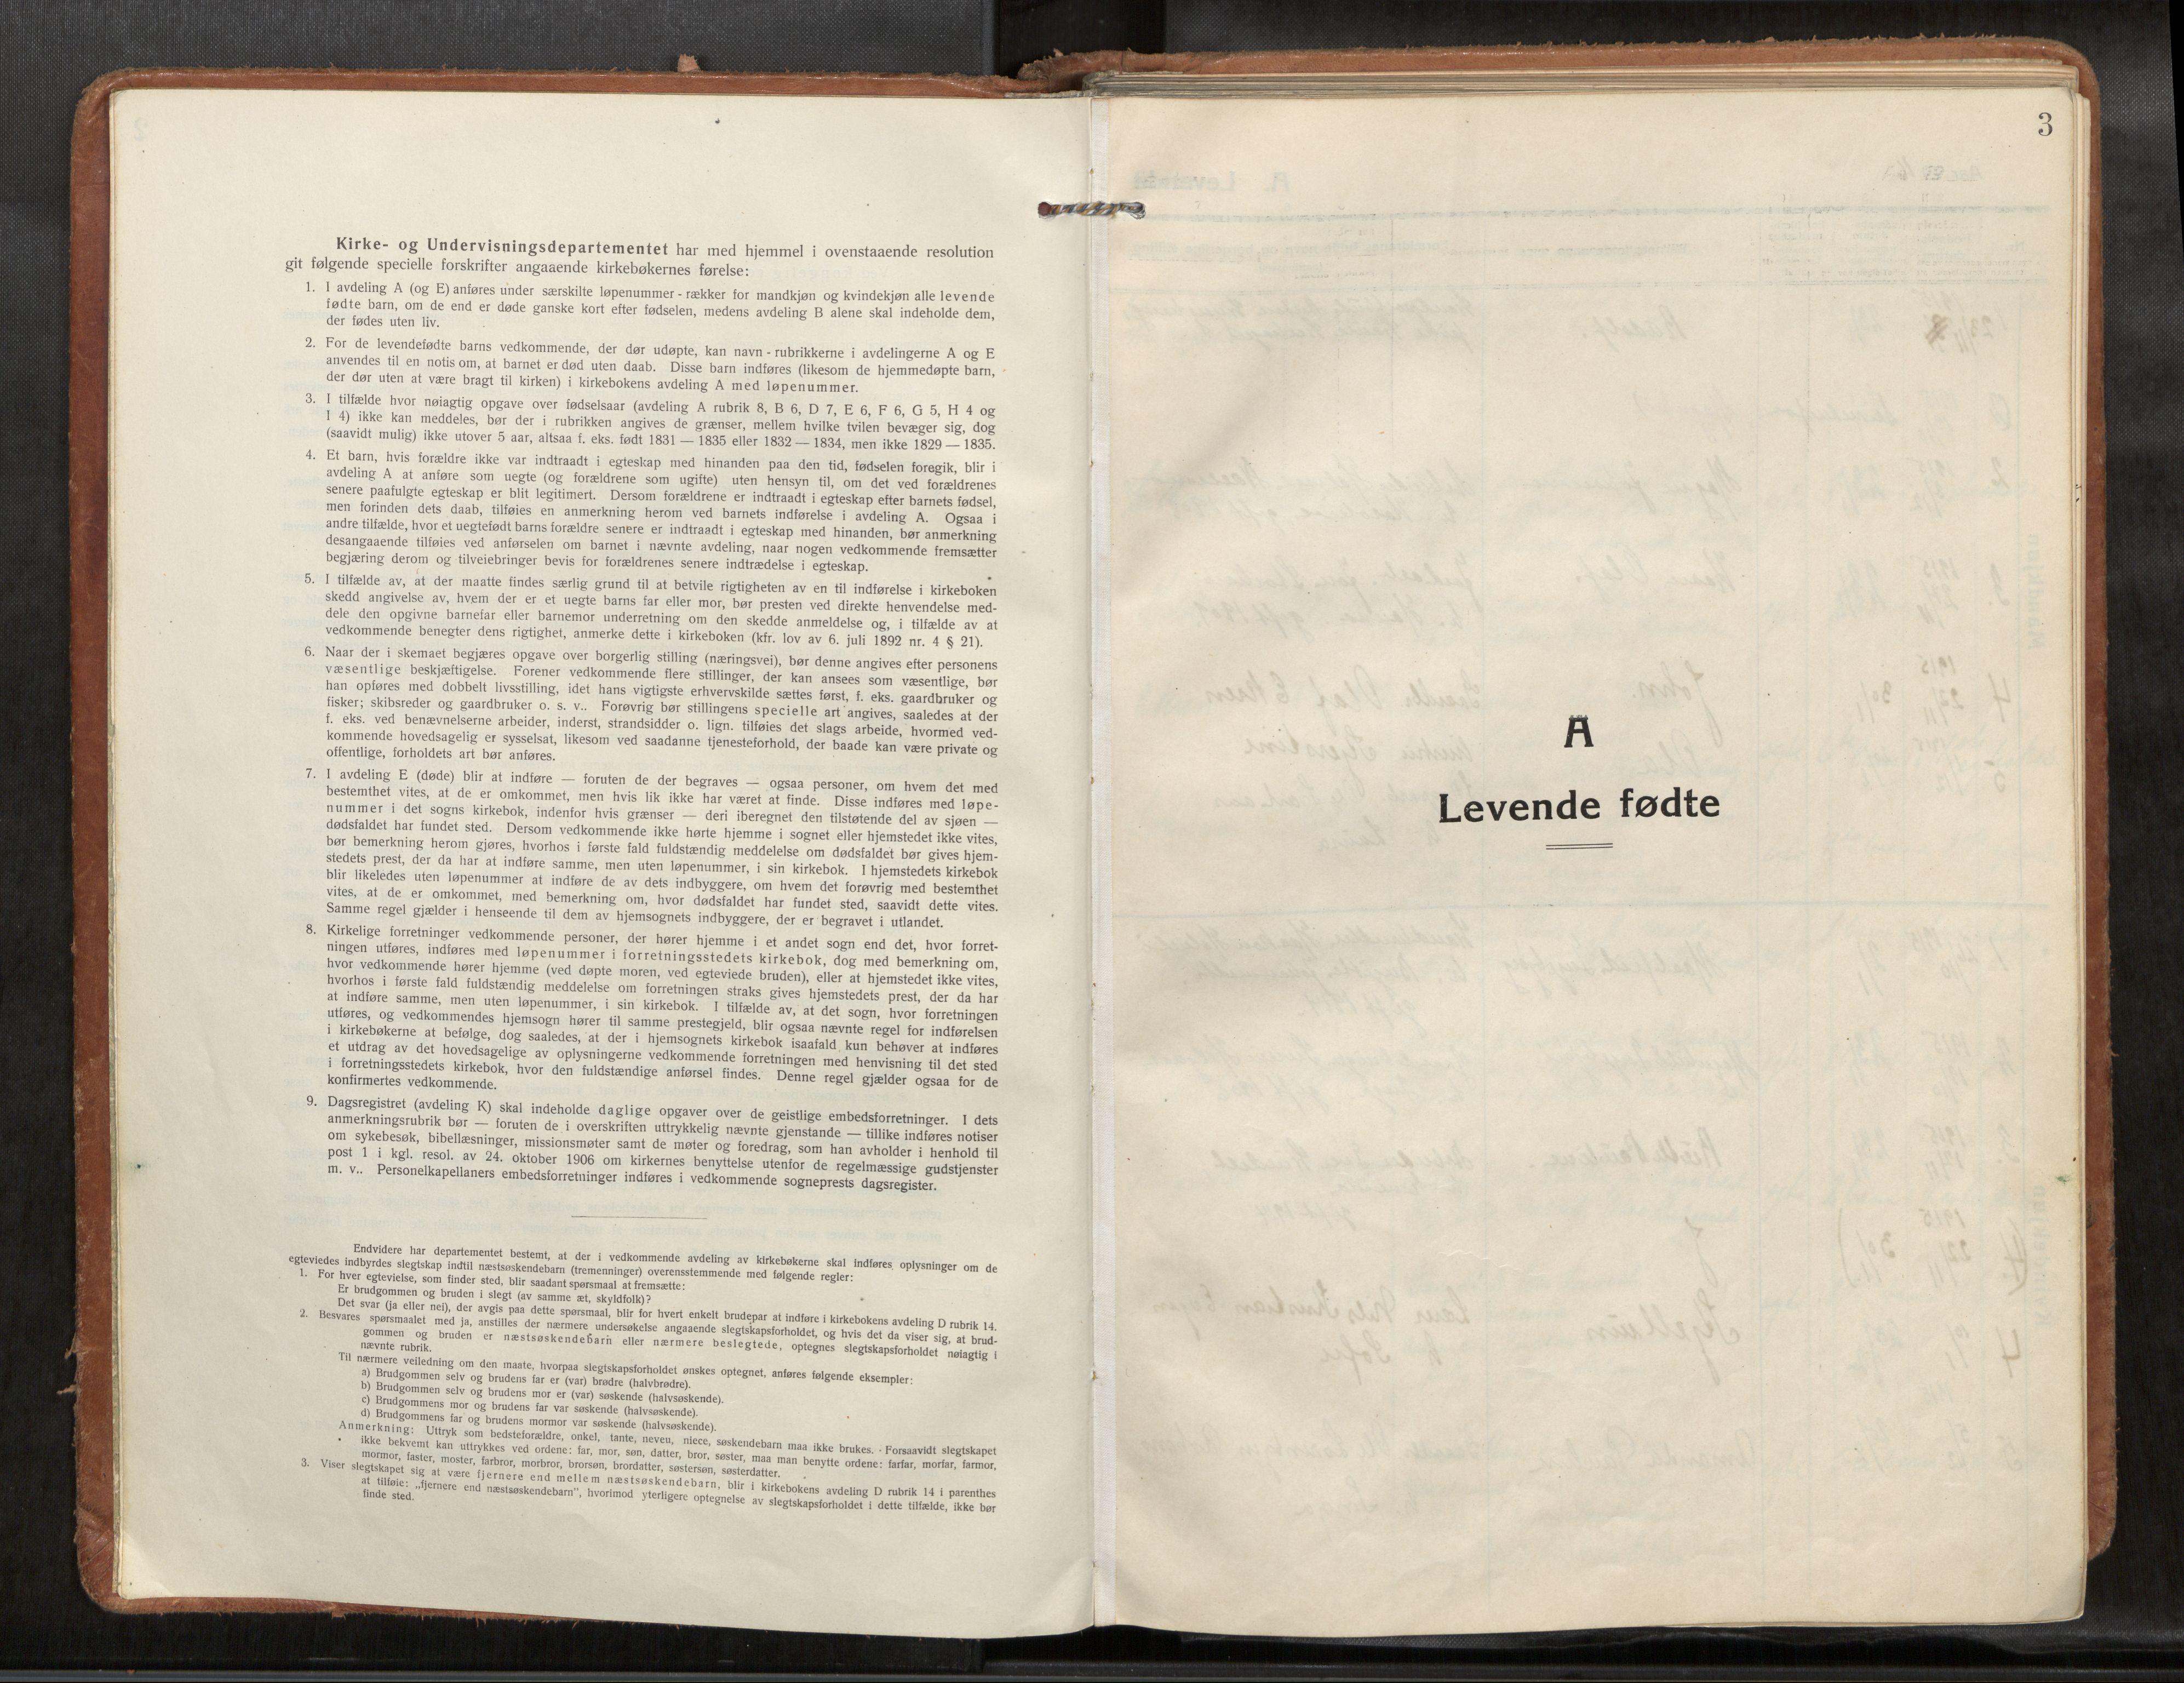 SAT, Verdal sokneprestkontor*, Ministerialbok nr. 1, 1916-1928, s. 3